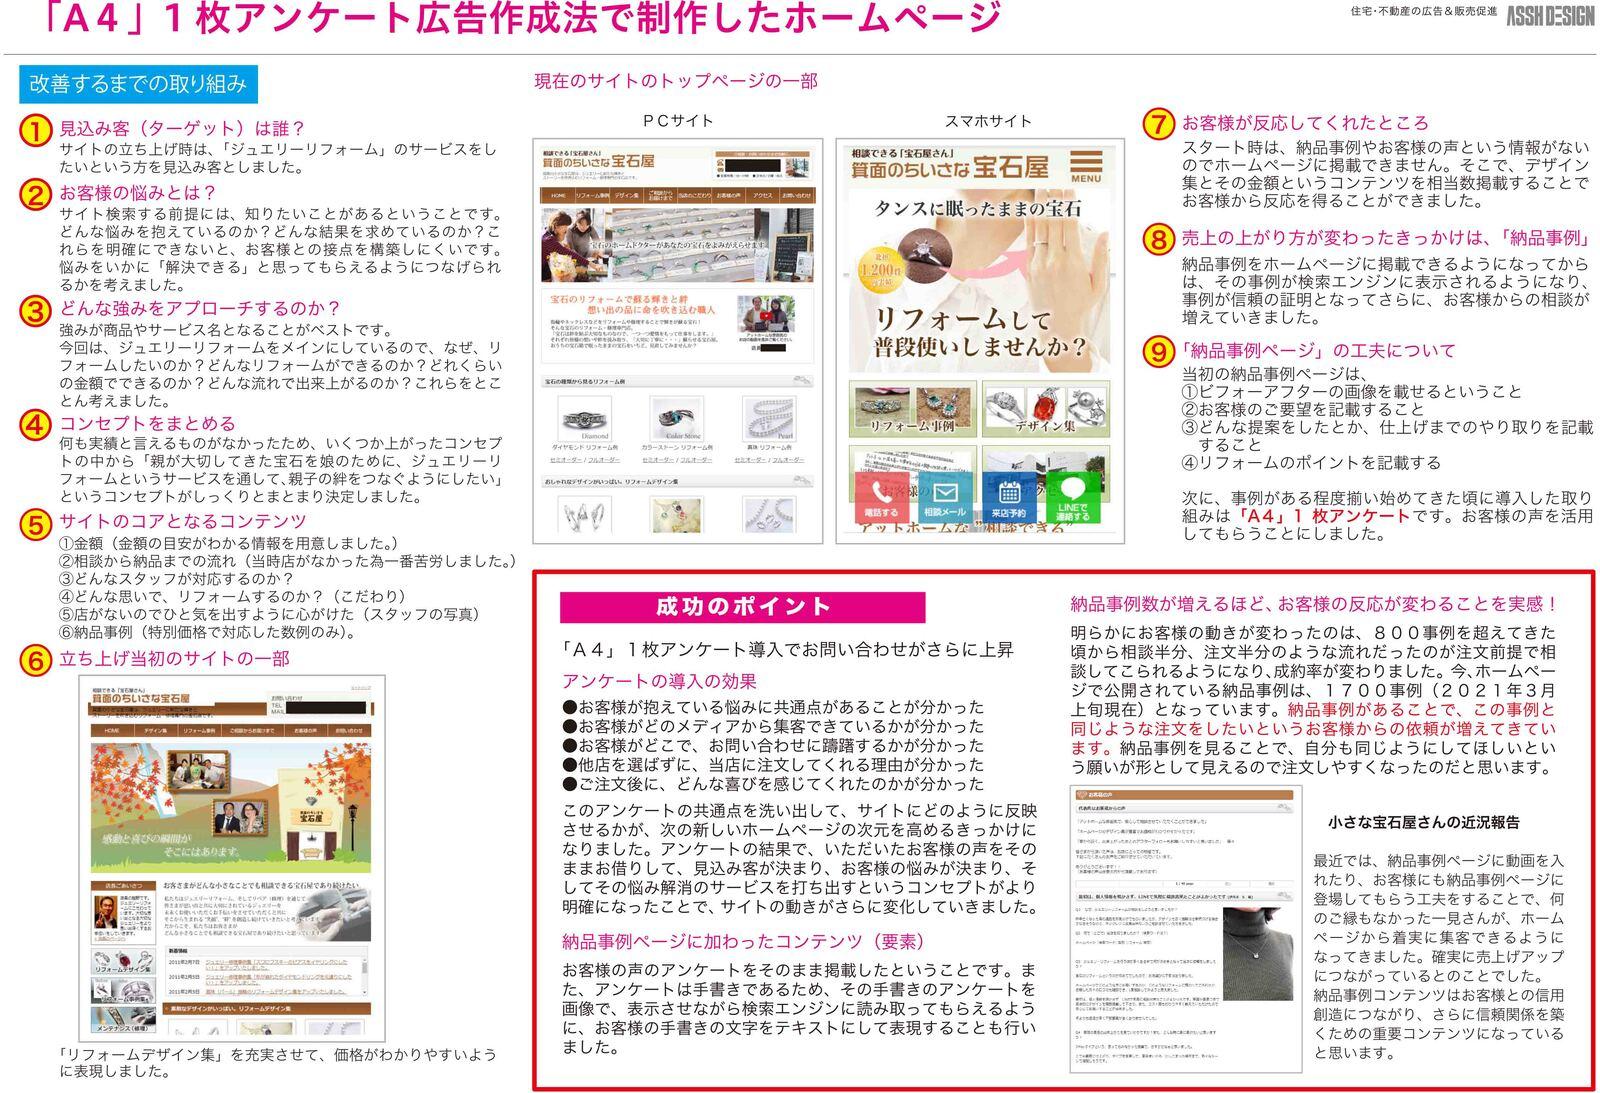 アッシュニュースレター2021年7月号